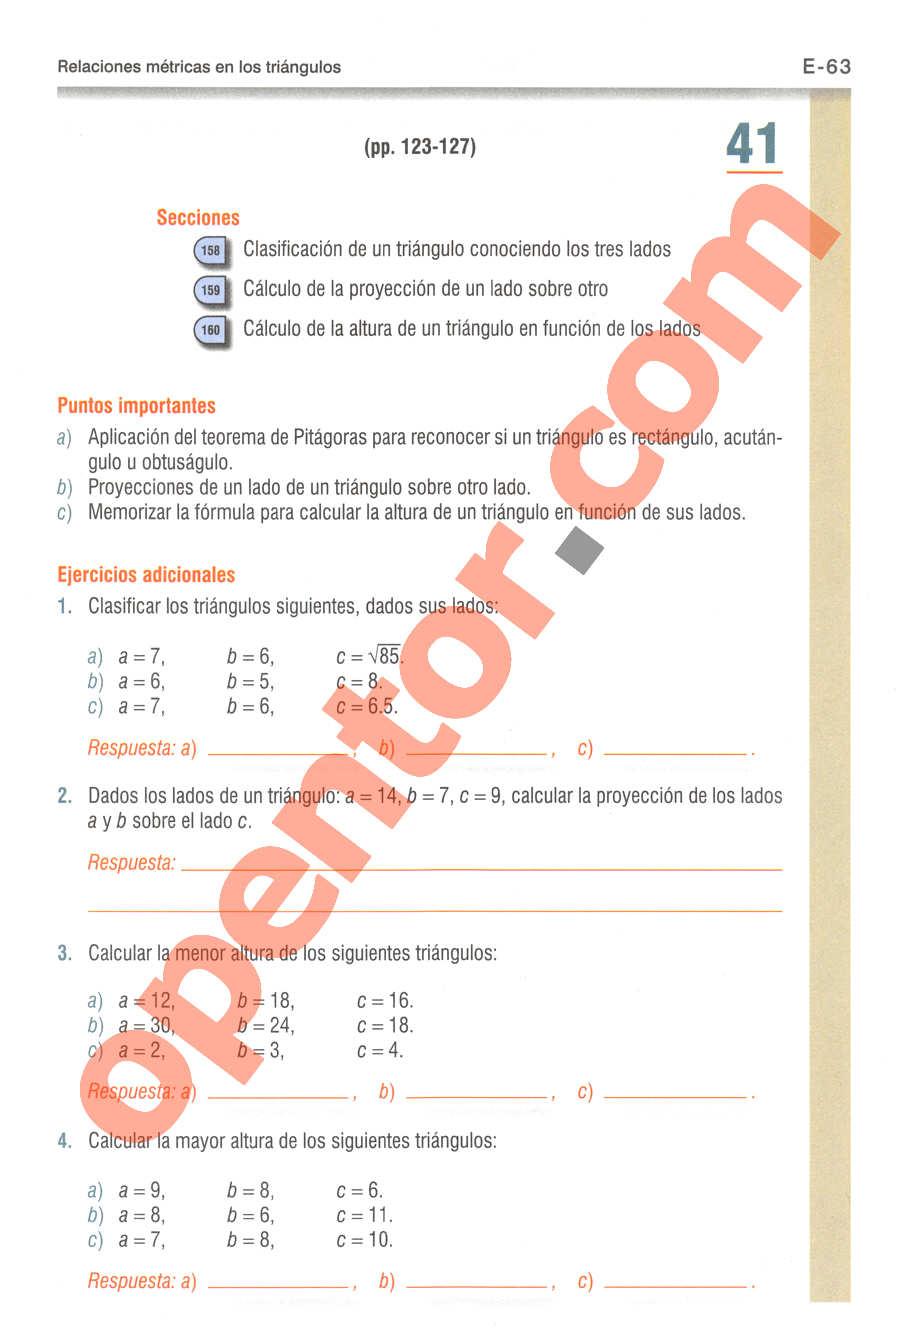 Geometría y Trigonometría de Baldor - Página E63